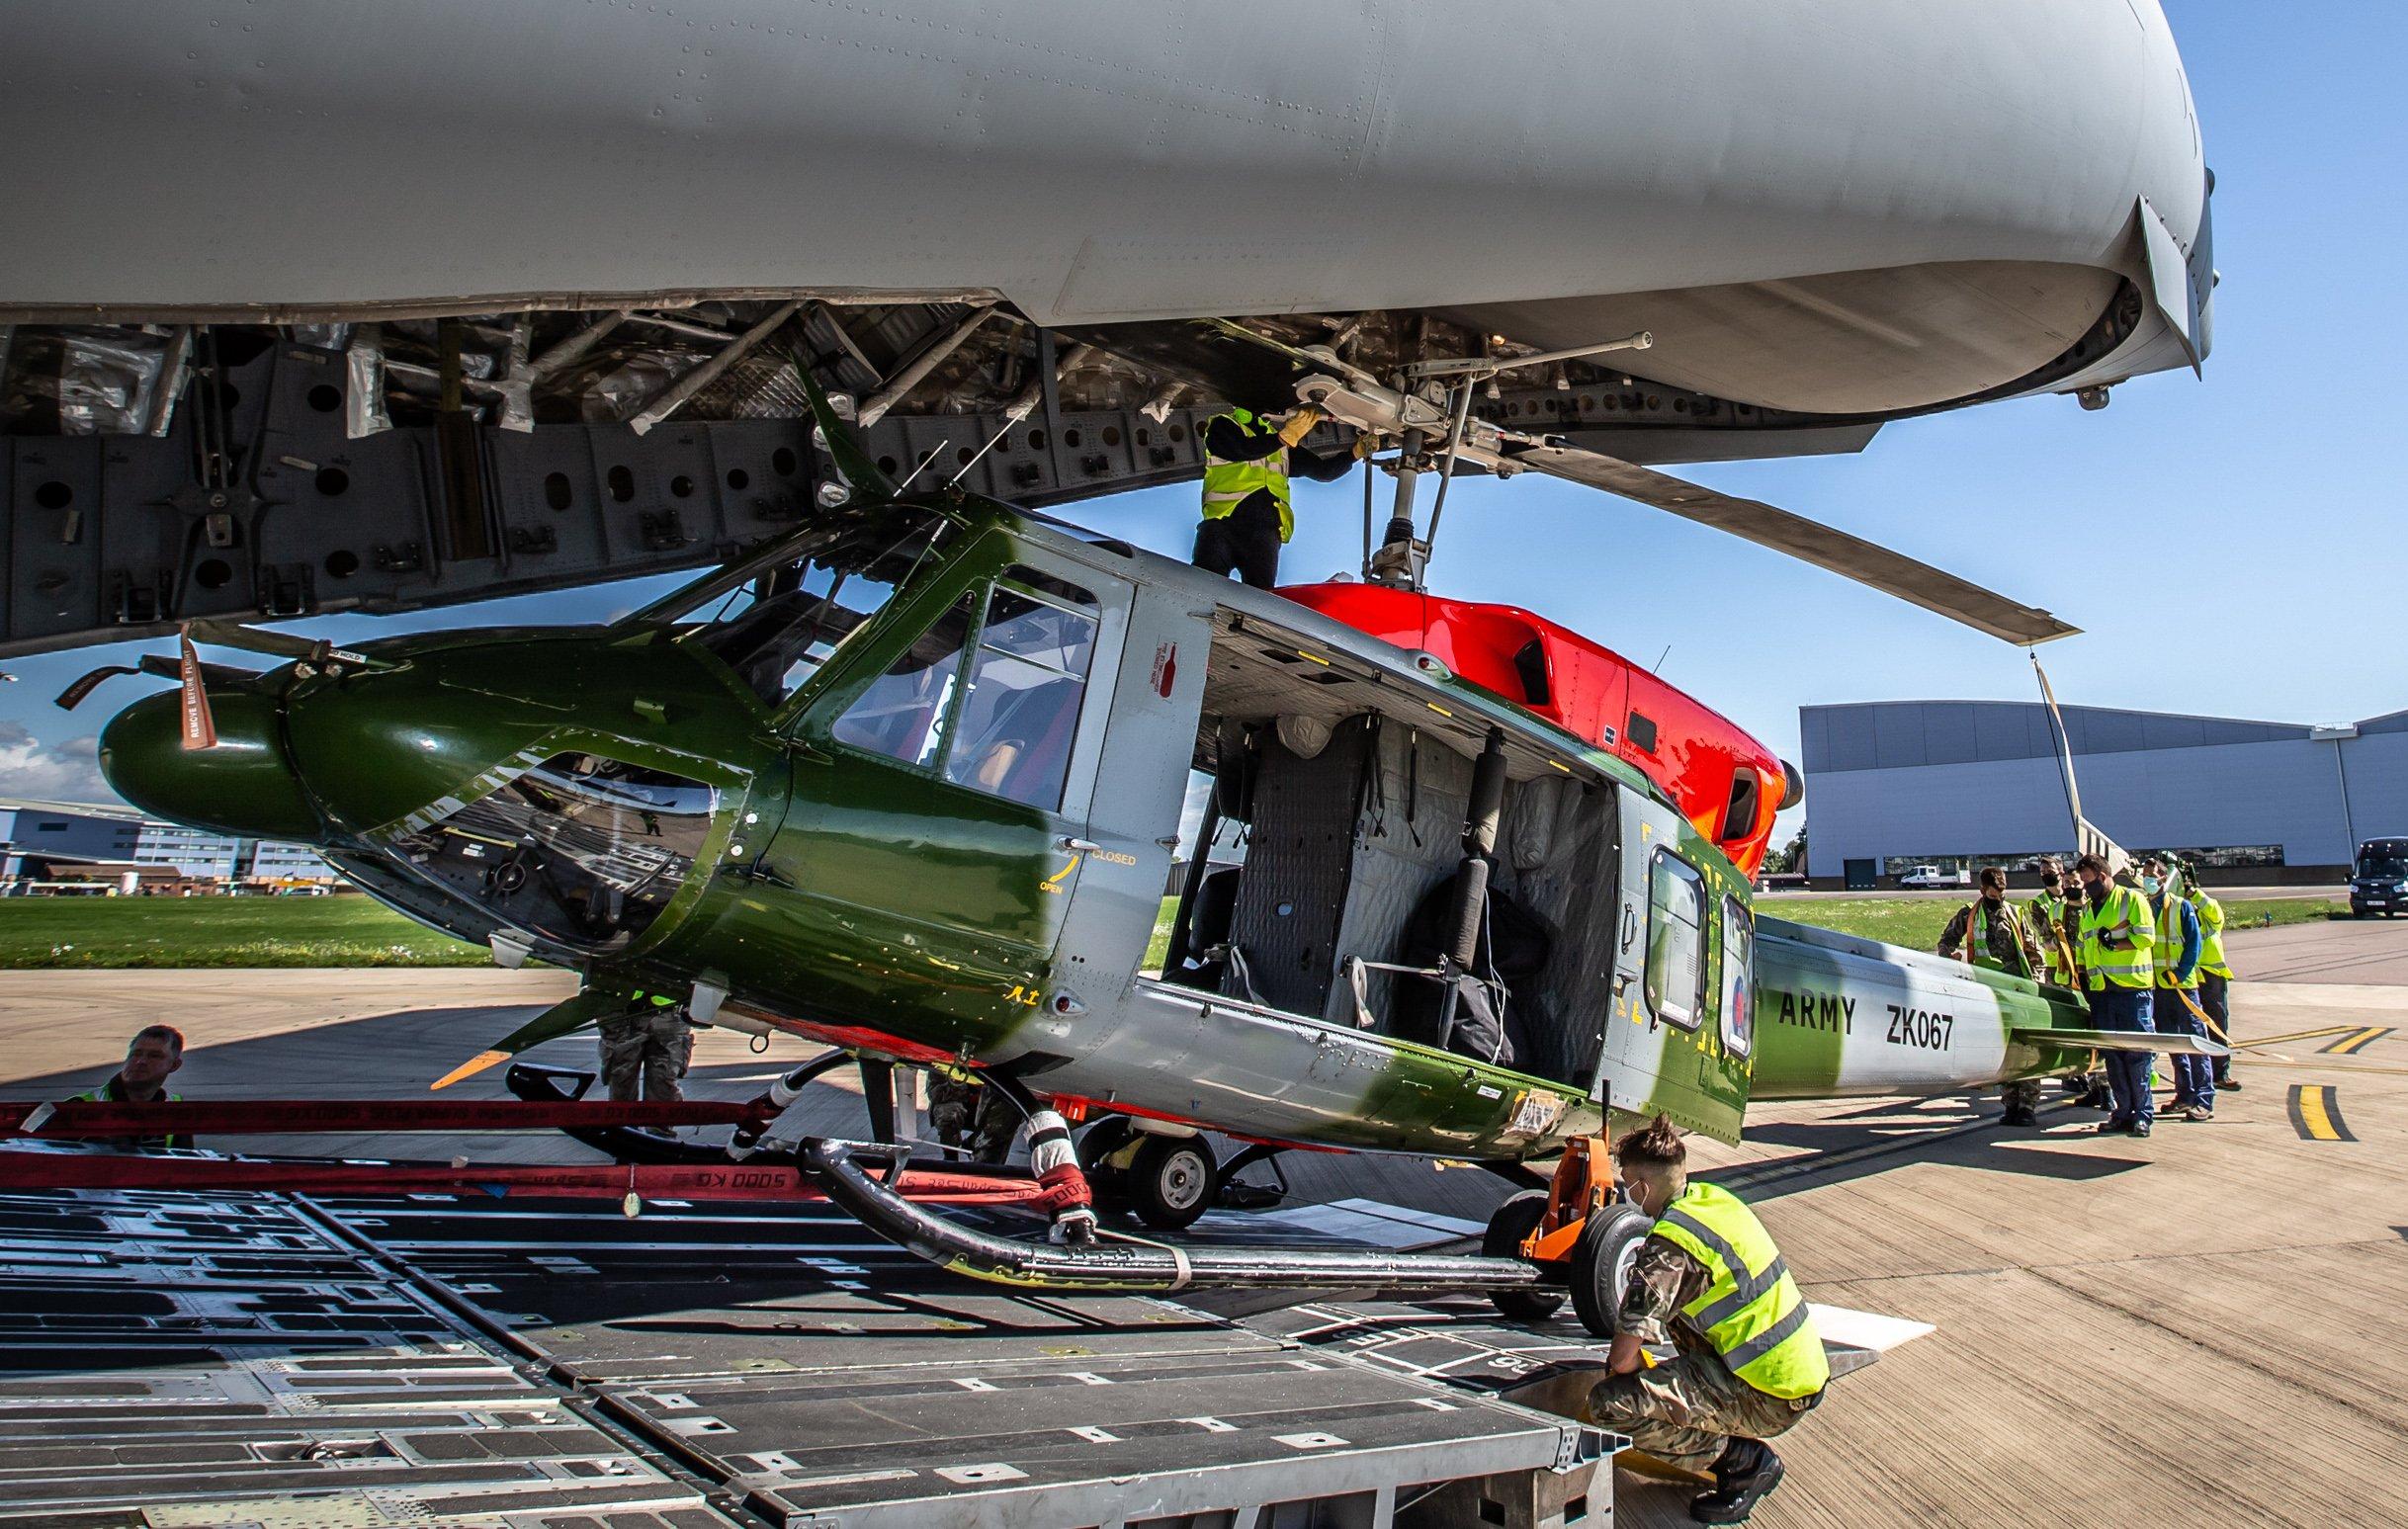 Bell 212 AH3 loaded onto RAF C-17A [MOD Crown Copyright/Sgt 'Matty' Matthews]